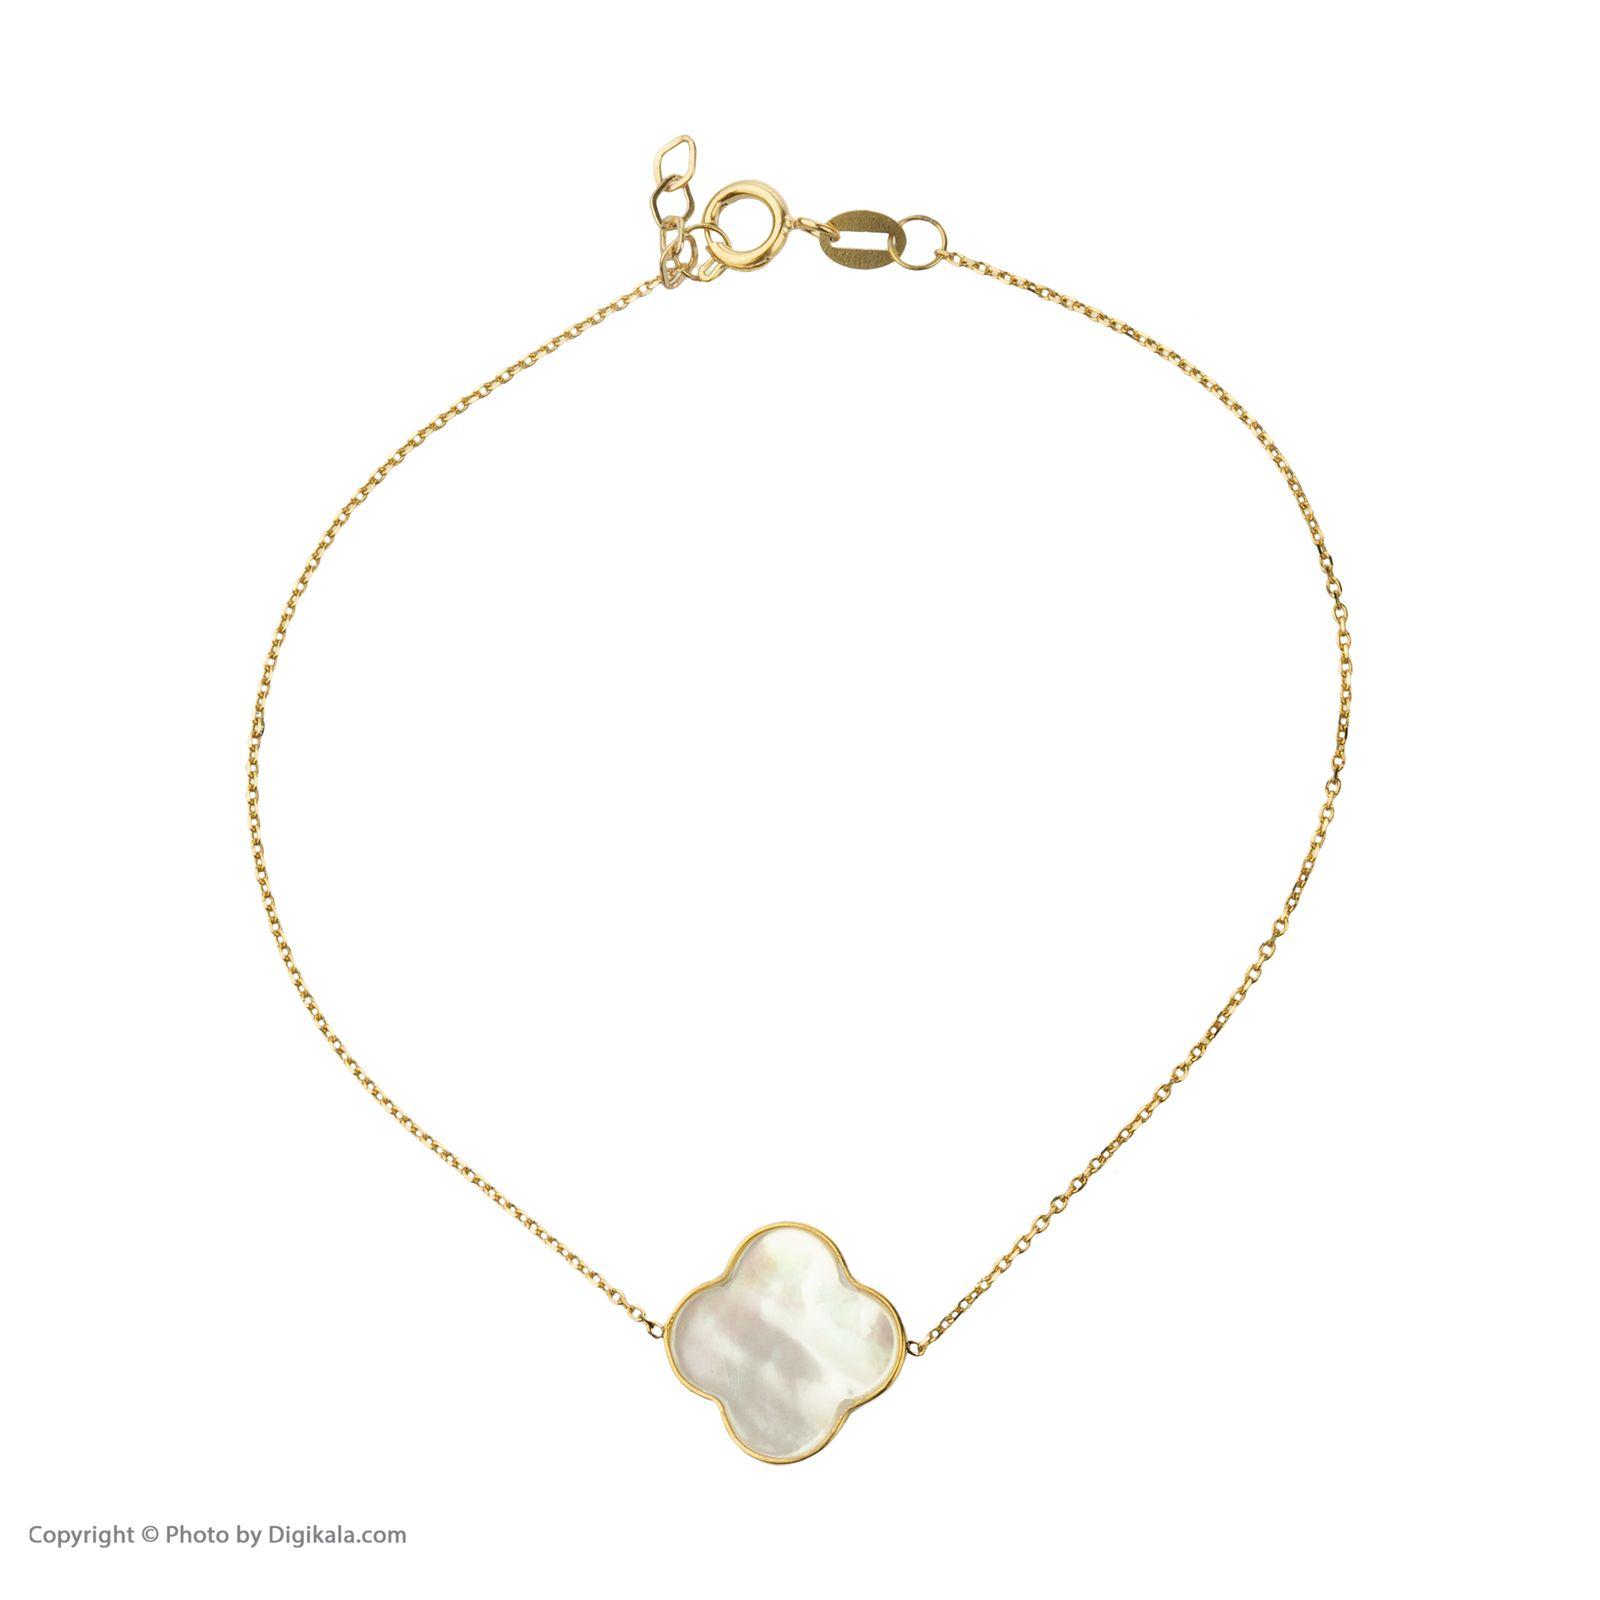 دستبند طلا 18 عیار زنانه میو گلد مدل GD627 -  - 3